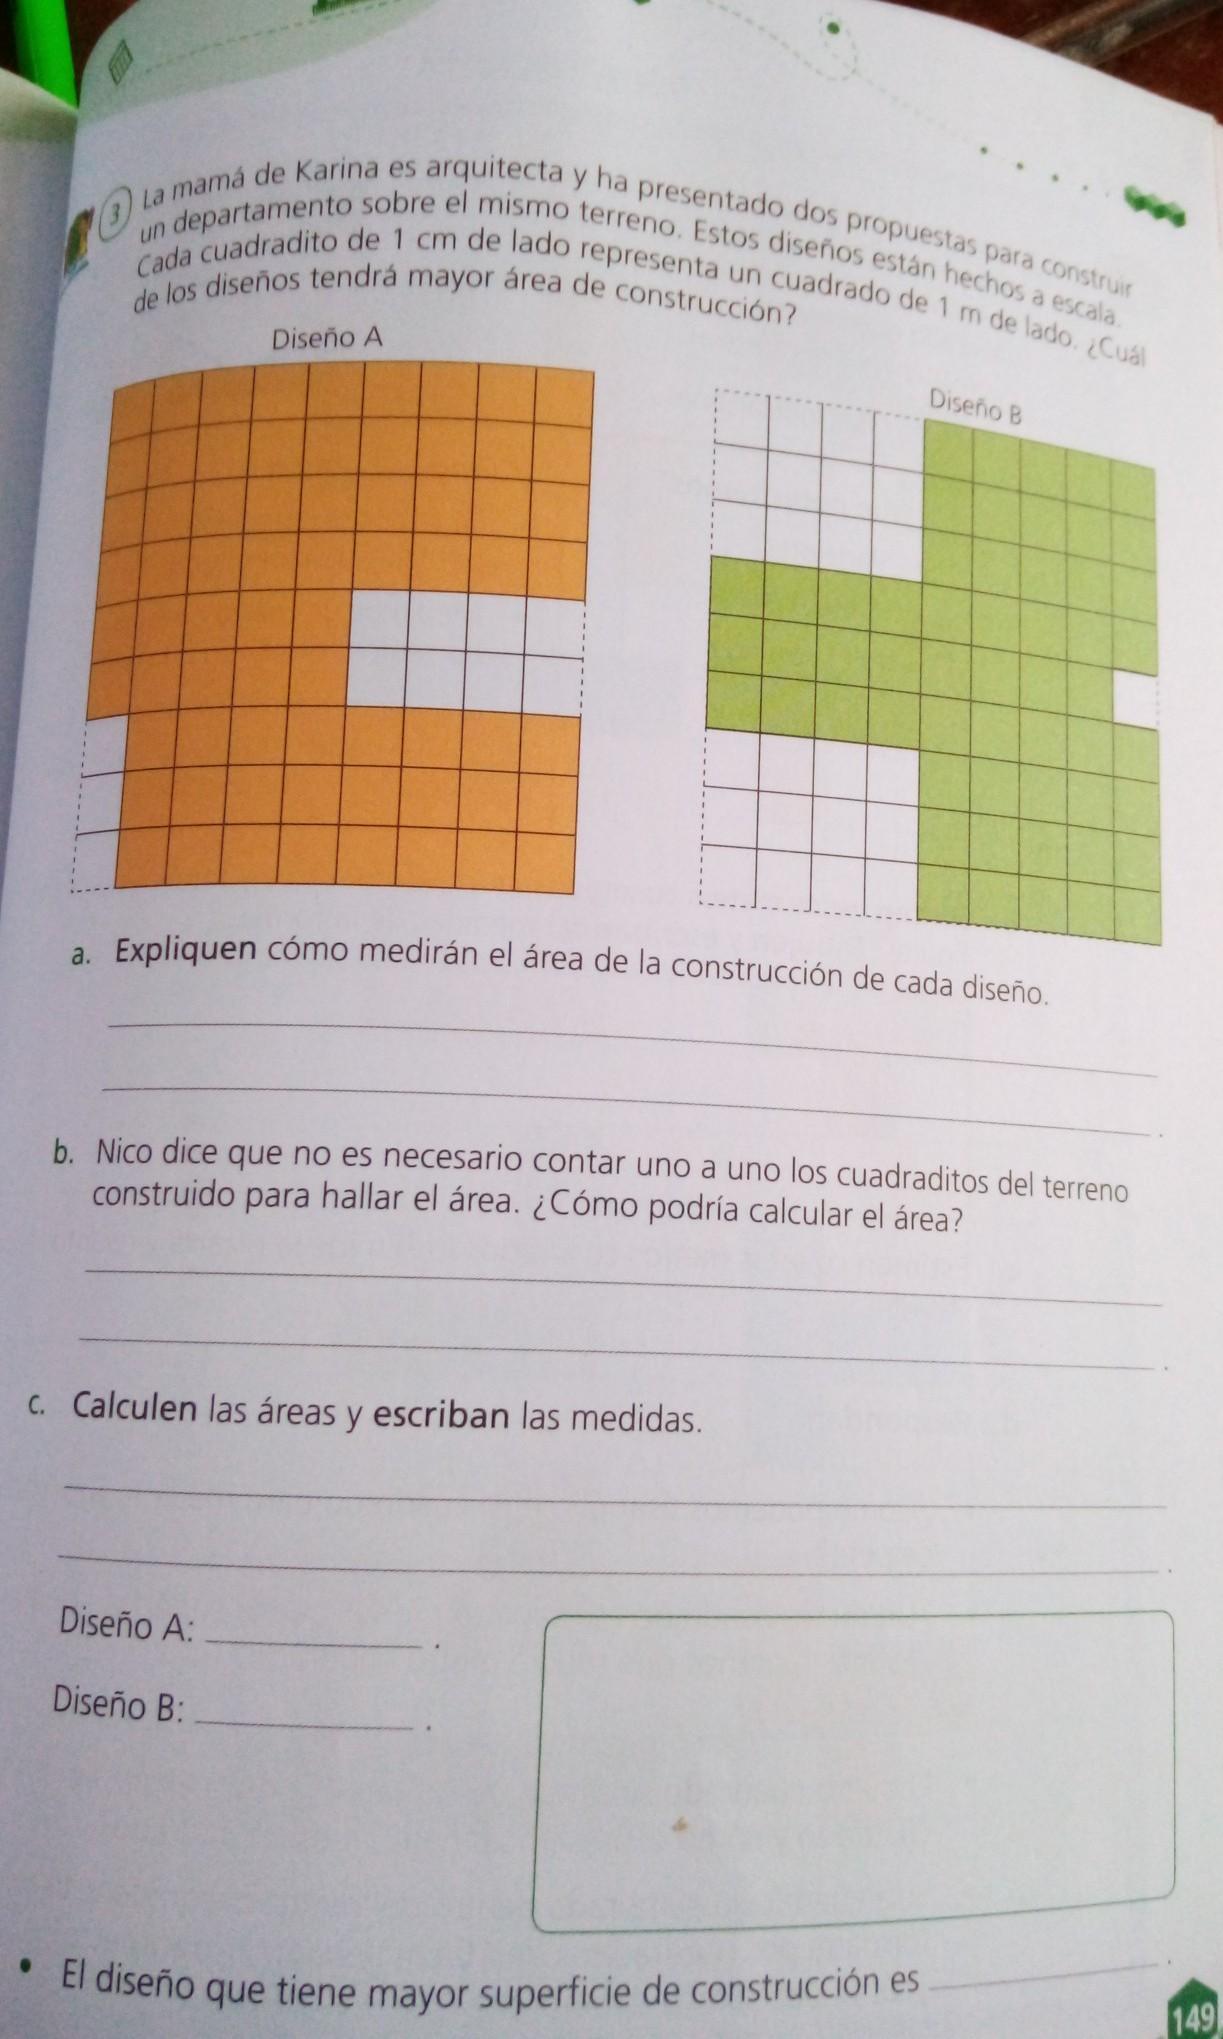 Libro De Matematicas Resuelto 5 Grado : libro, matematicas, resuelto, grado, Libro, Matemática, Quinto, Grado, Resuelto, Página, Brainly.lat